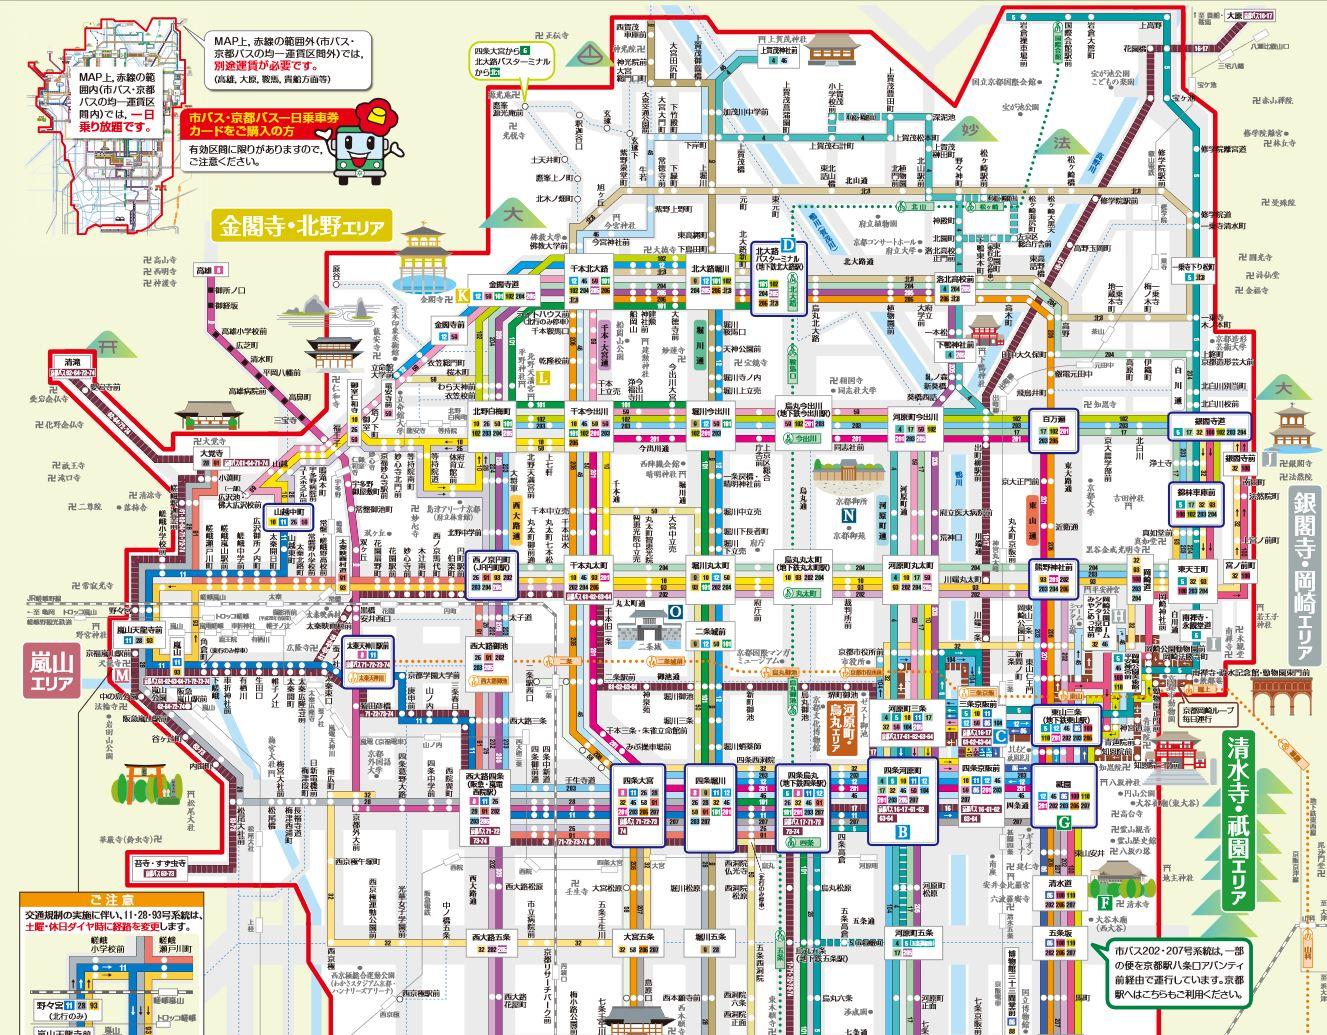 京都巴士圖